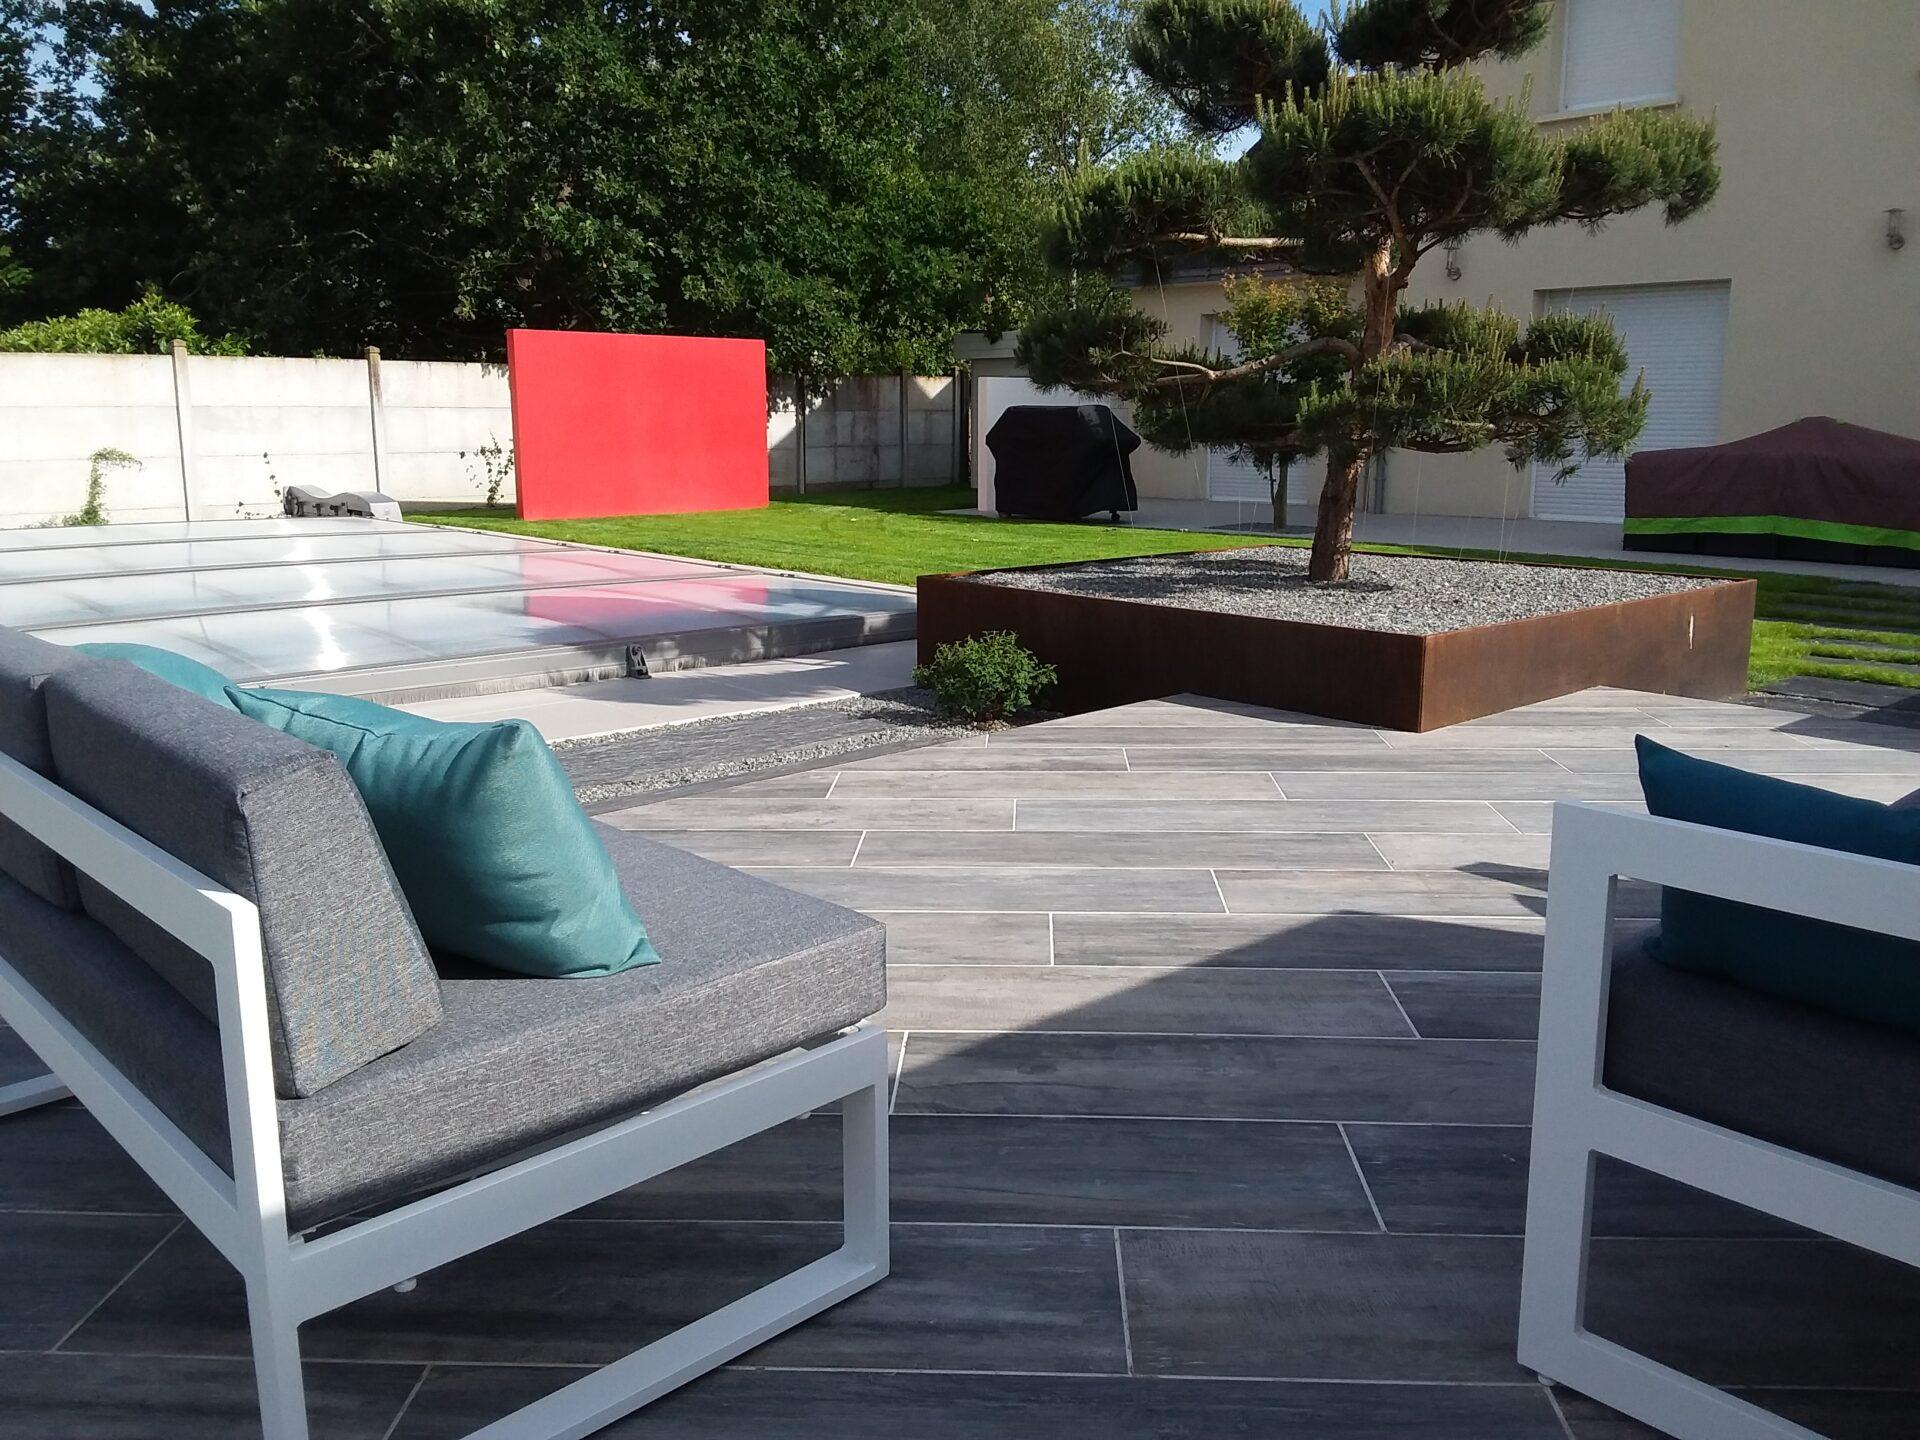 architecte paysagiste angers maine et loire 49. Black Bedroom Furniture Sets. Home Design Ideas